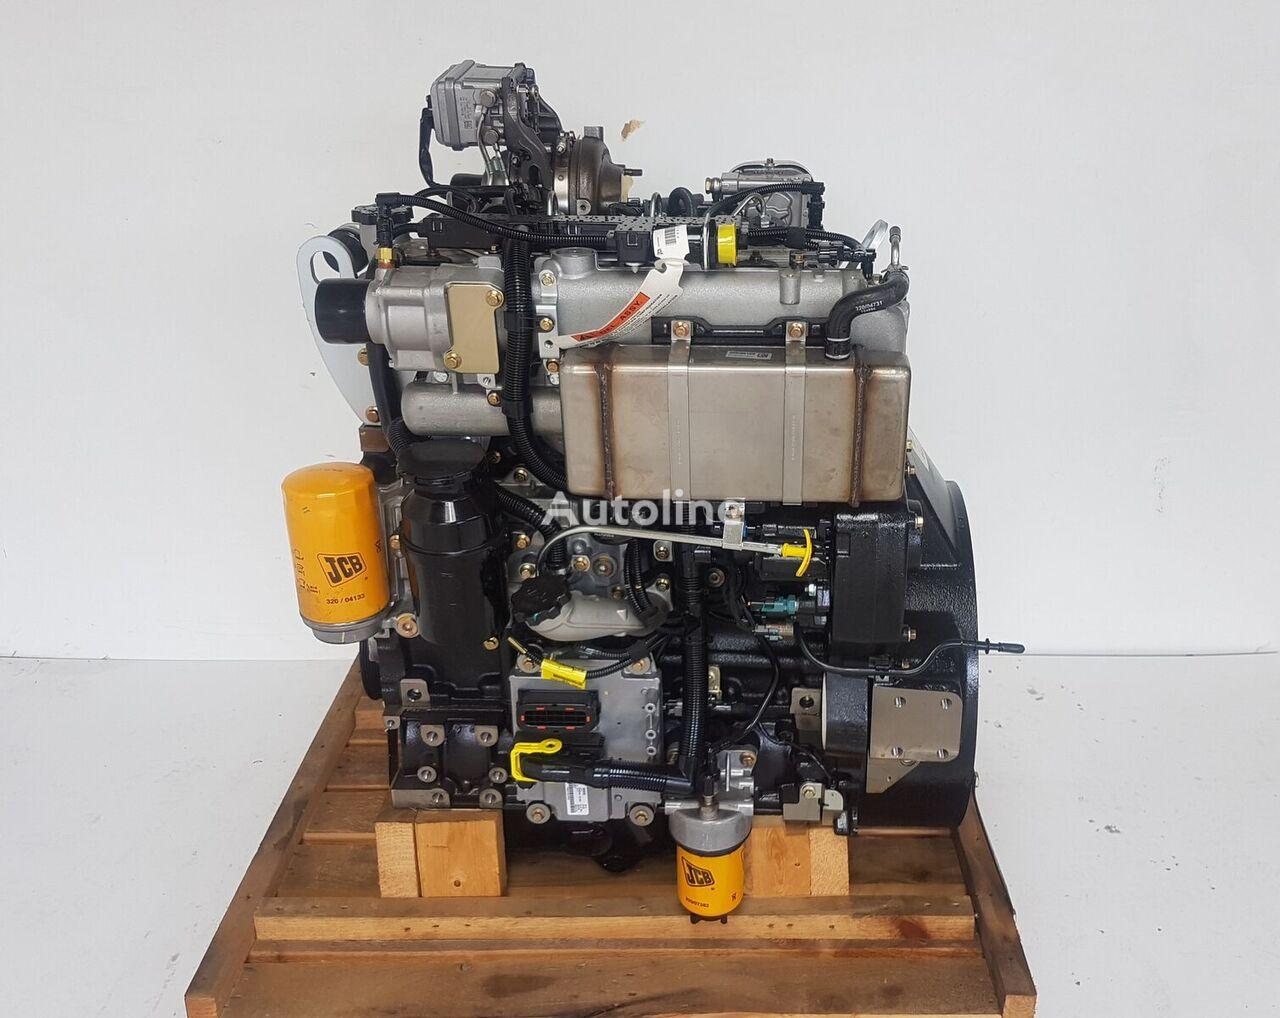 جديد المحرك JCB (320/41113) لـ لودر حفار JCB 444 T4i